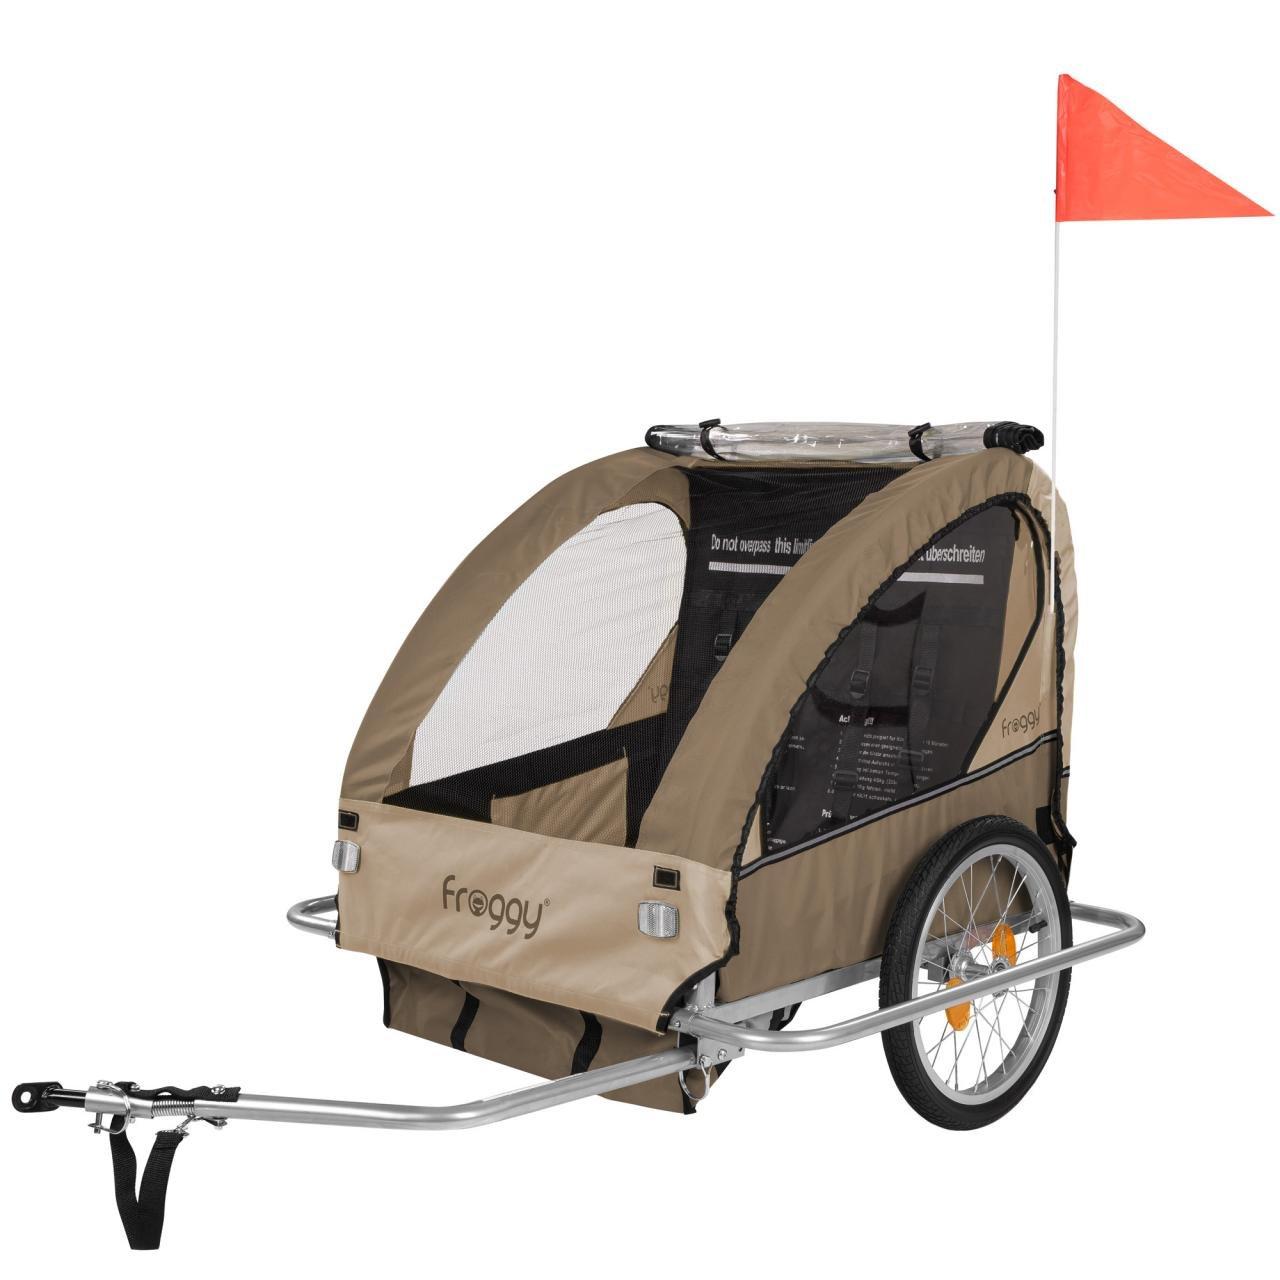 Froggy Kinderfahrradanhänger Fahrradanhänger für 1 oder 2 Kinder mit Universal-Kupplung 5-Punkt Sicherheitsgurte Ablagefach Stahl klappbar Safary